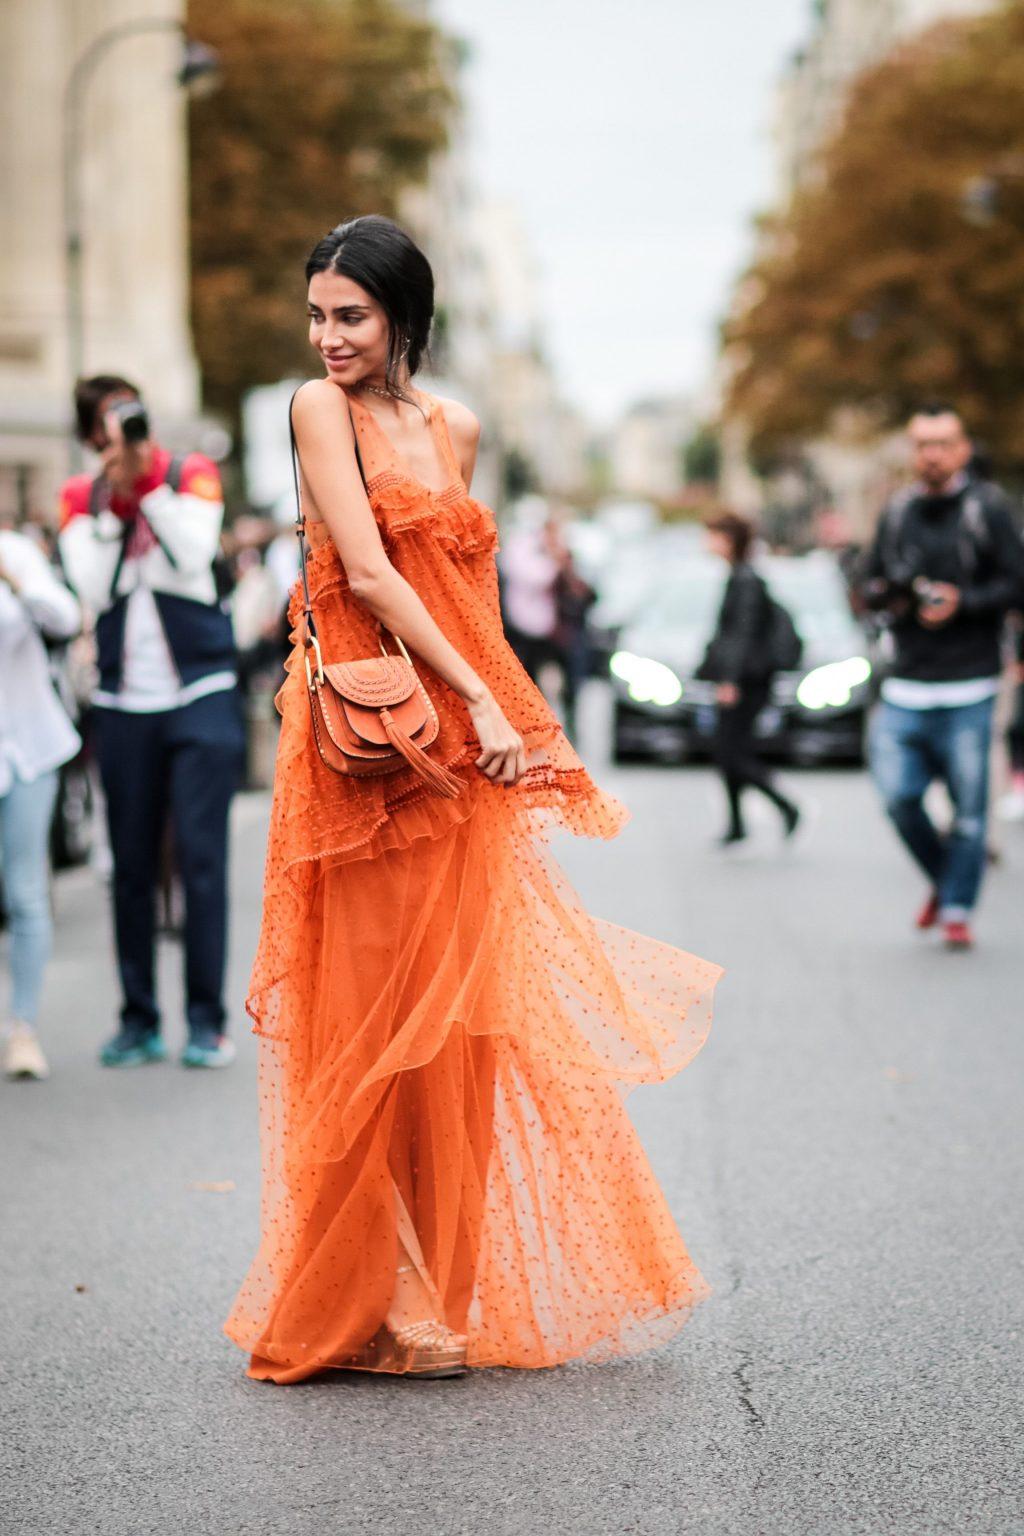 Thời trang tuổi 30 – Những món đồ bạn nên từ bỏ 9